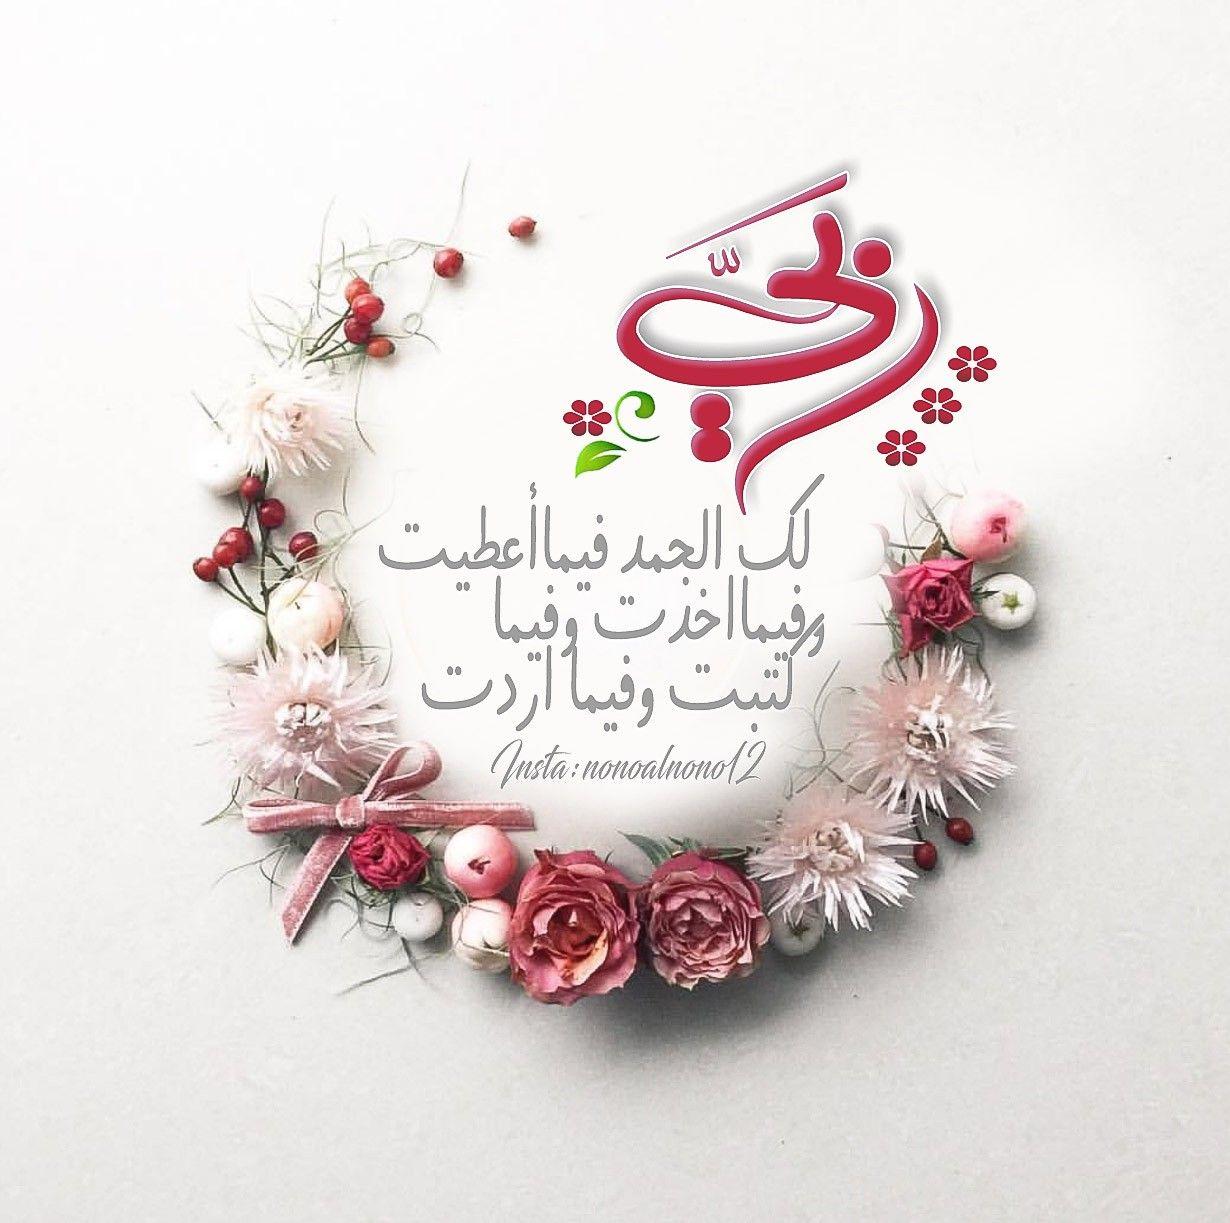 لك الحمد ربي Islamic Qoutes Qoutes All About Islam